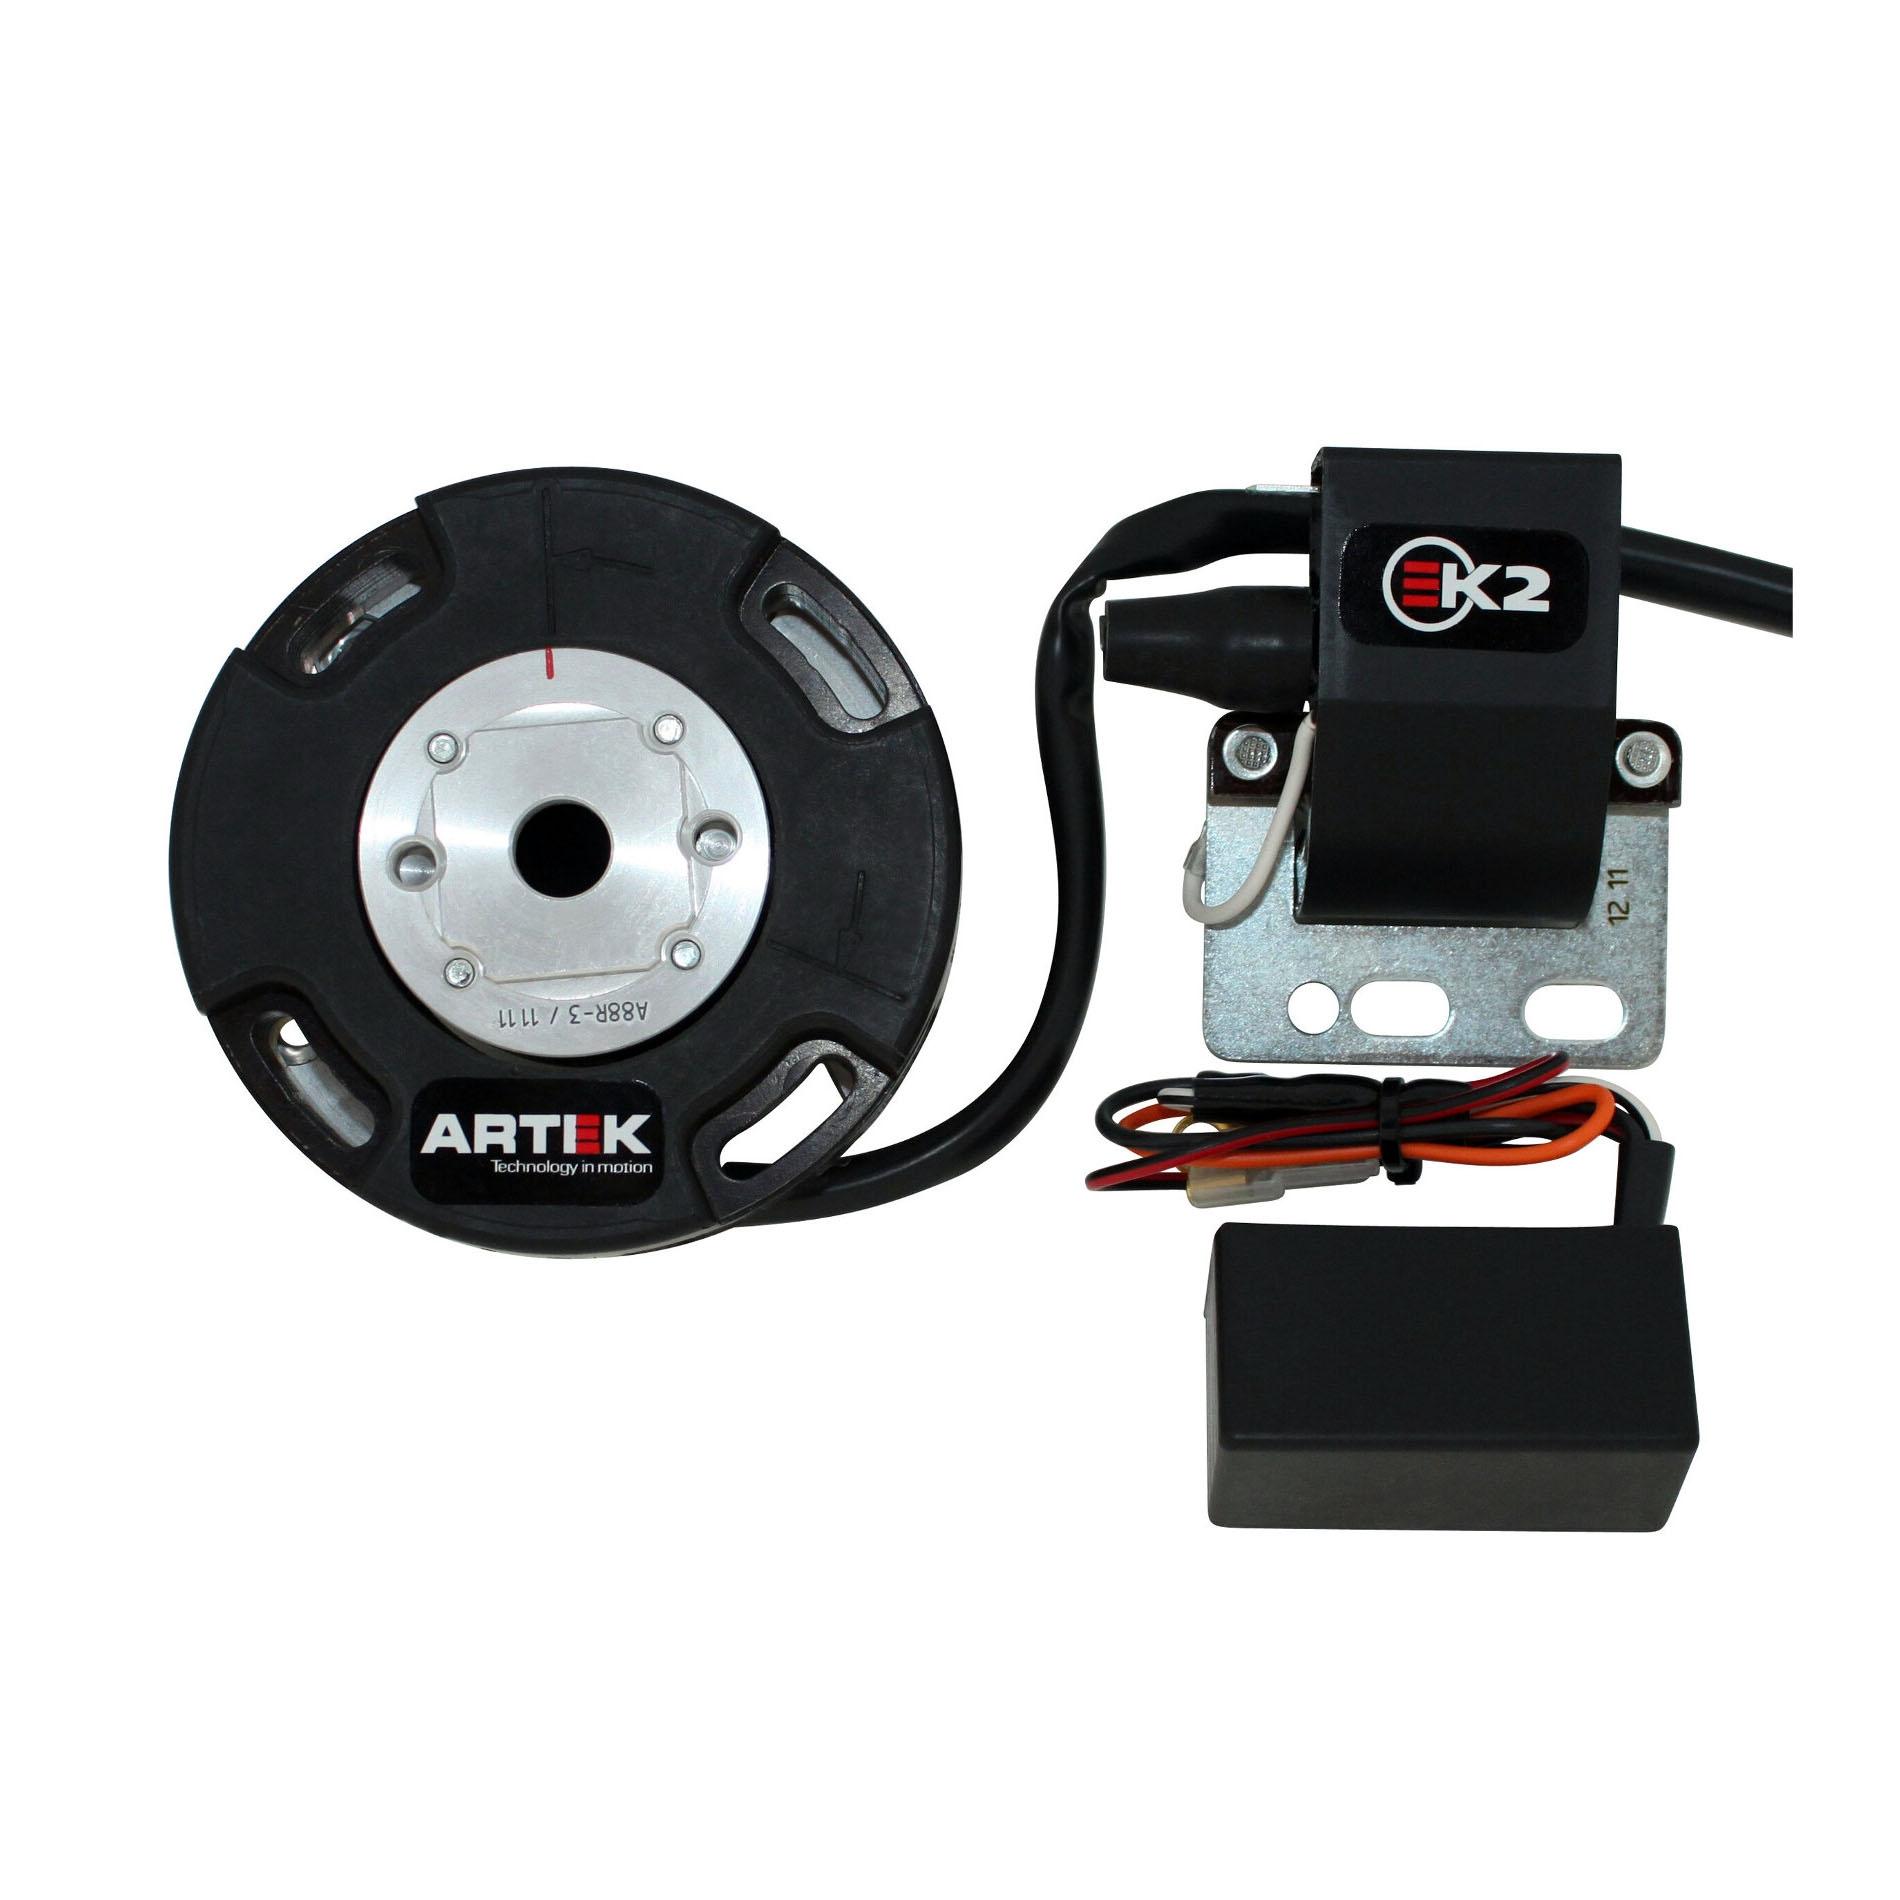 Allumage Artek K2 rotor interne digital sans démarreur pour MBK 50 x-p